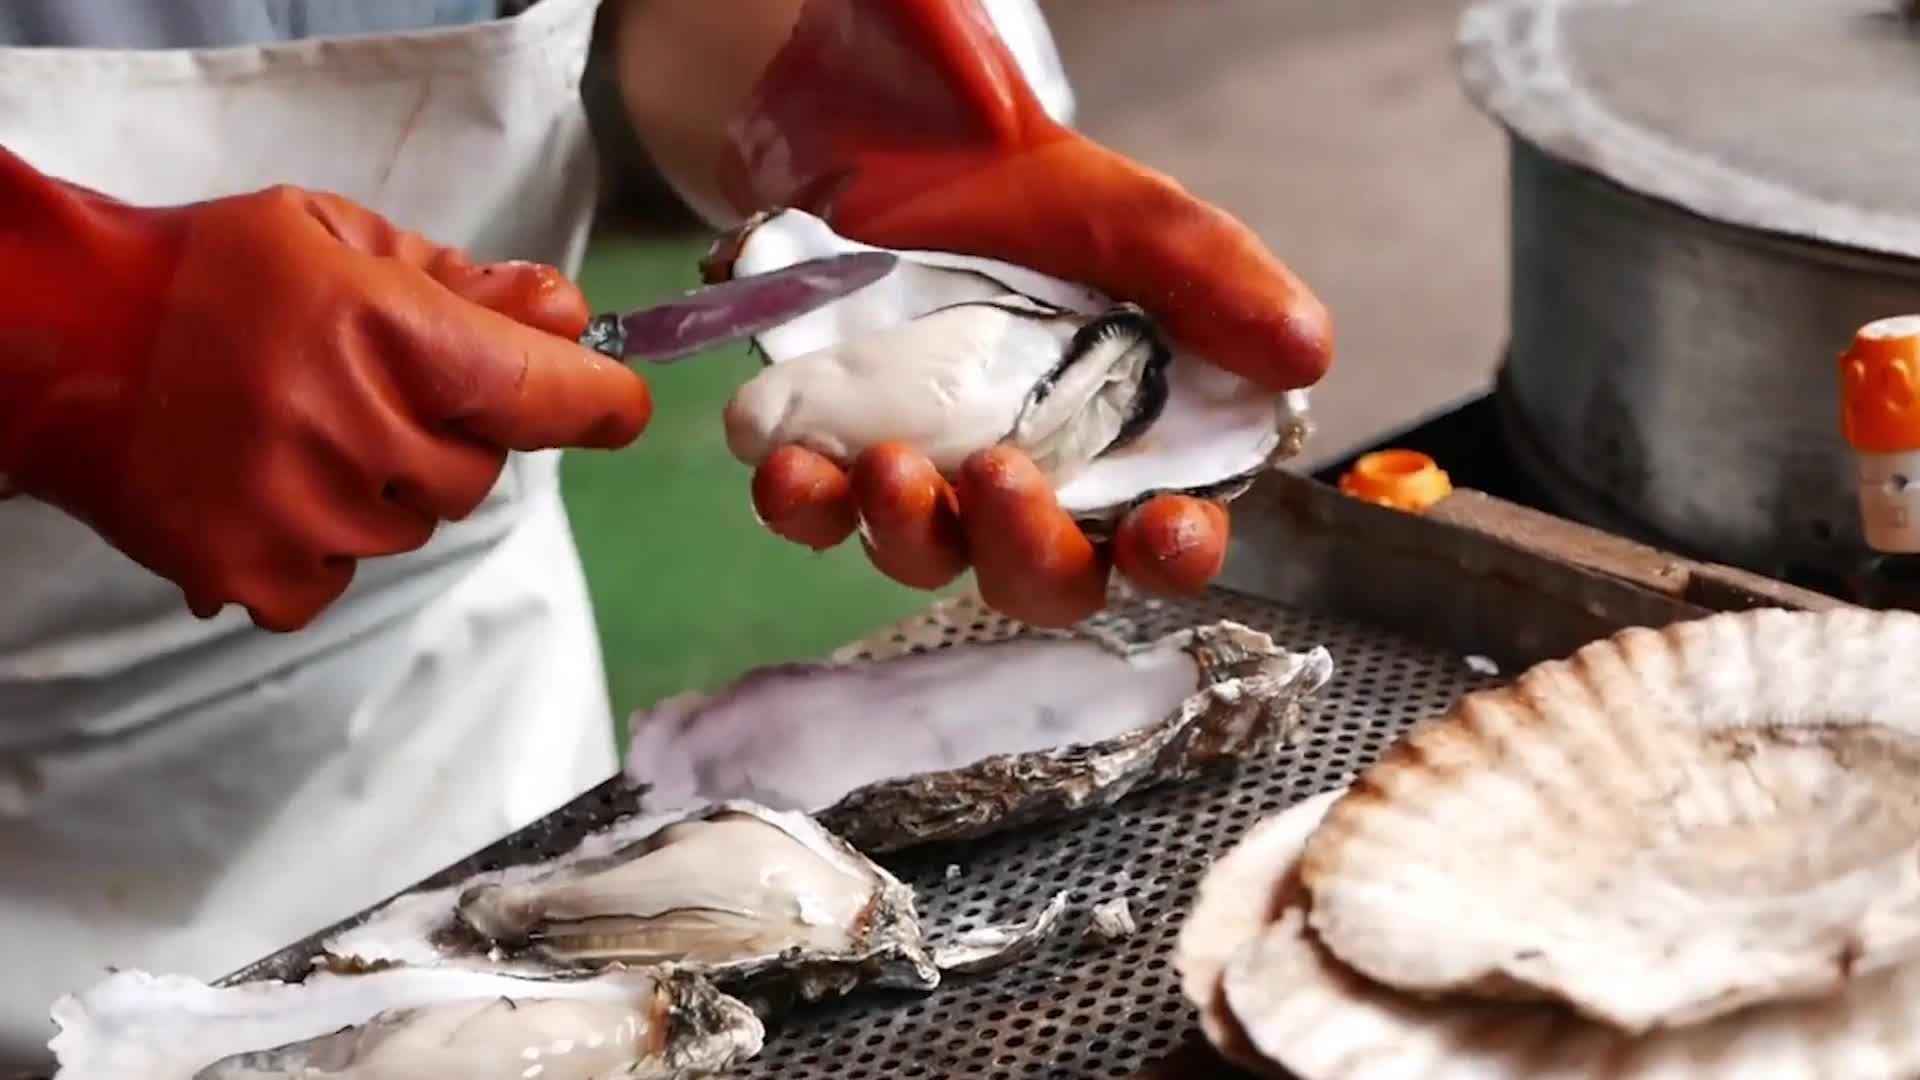 日本人熬制一锅虾油,只为做蛋炒饭,诠释日本食物为何贵!